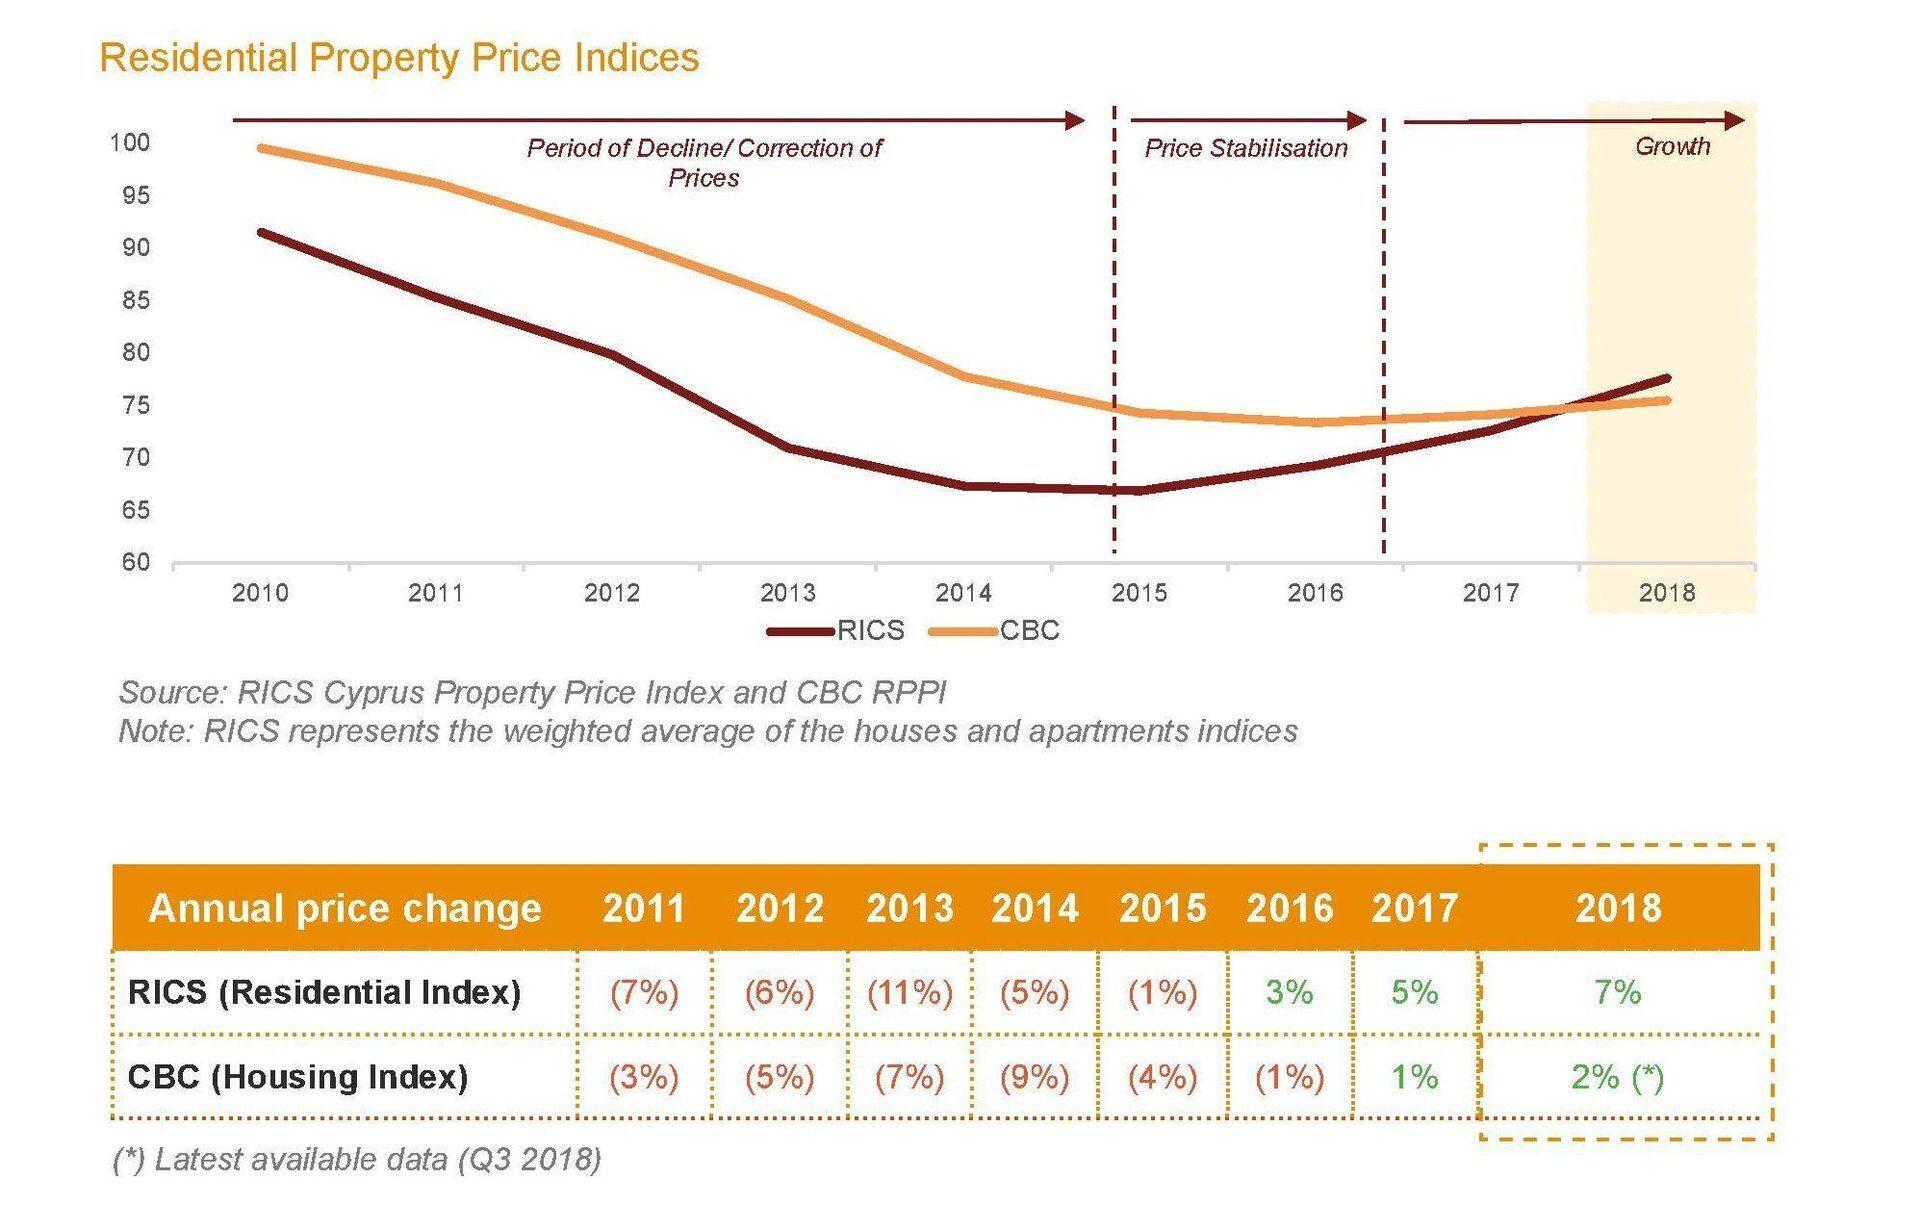 цены на недвижимость на кипре